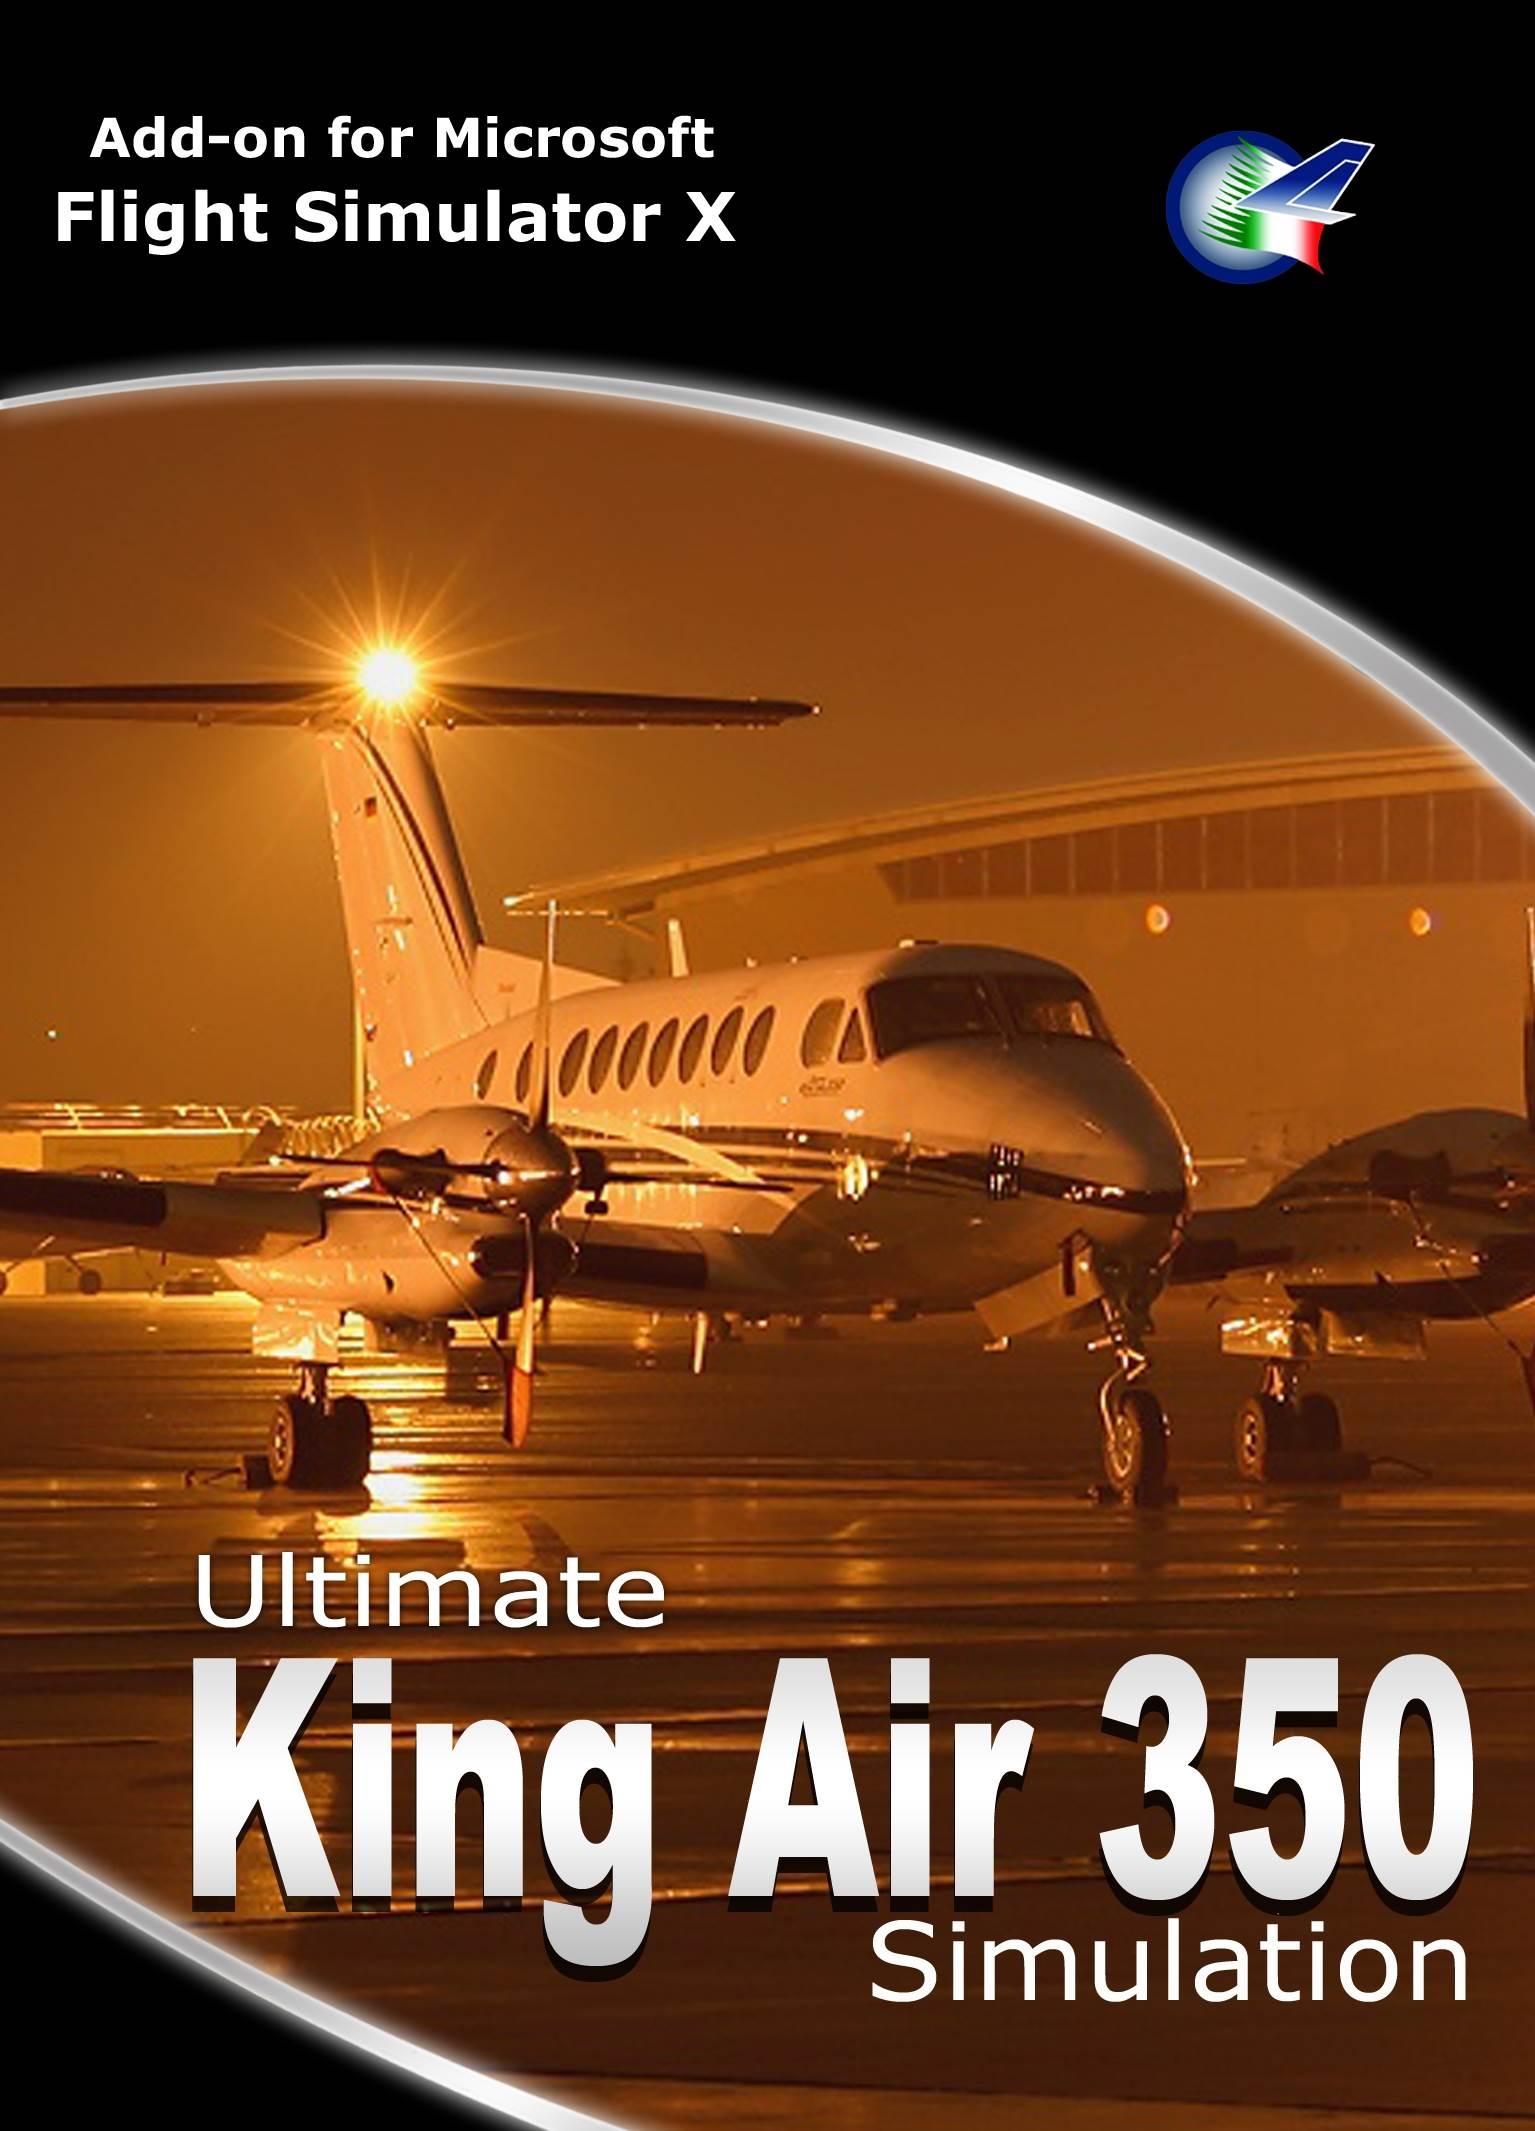 Ultimate King Air 350 Simulation